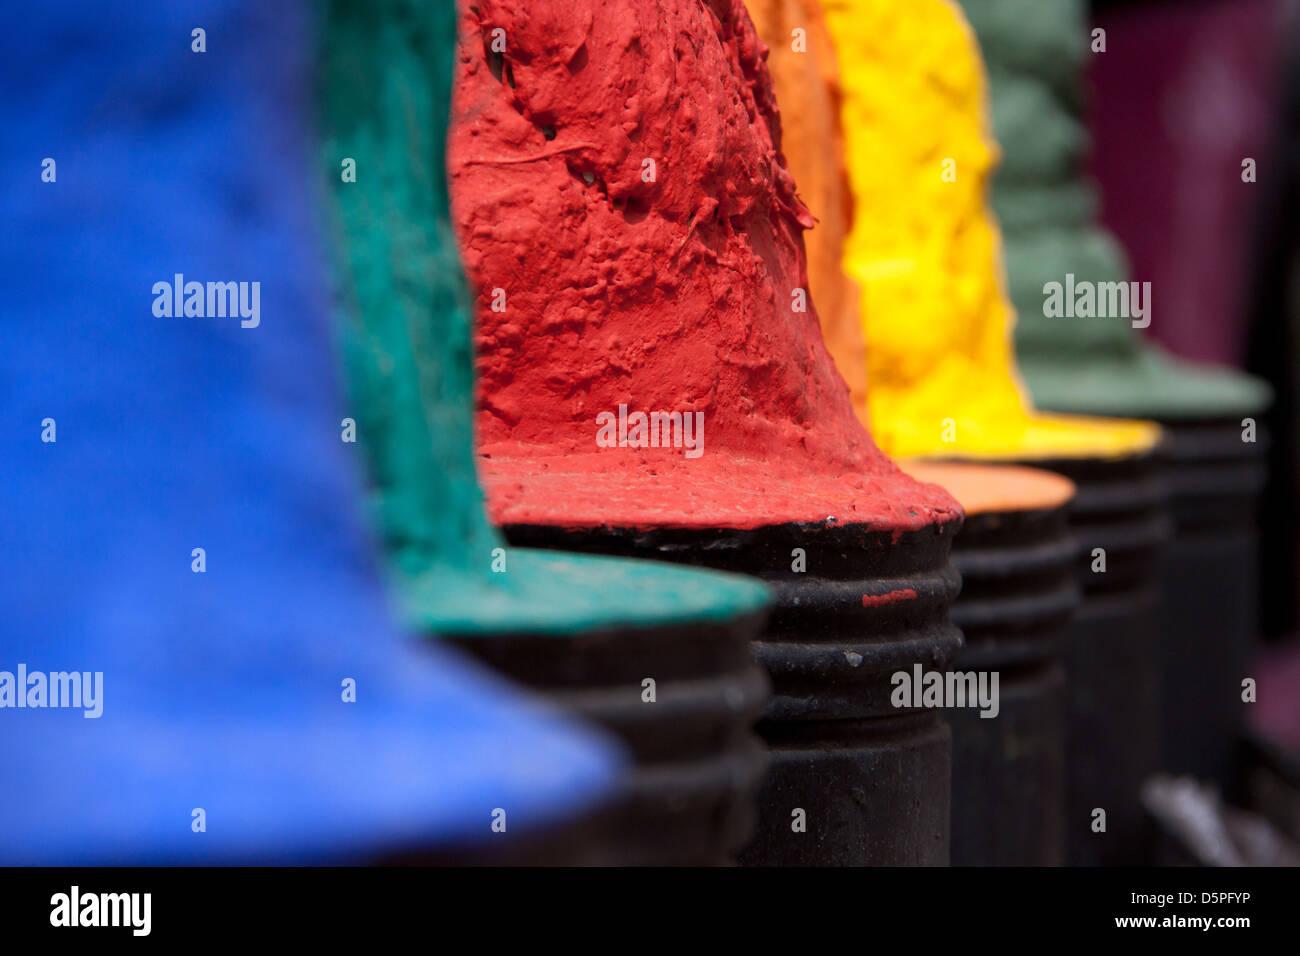 Selezioni del marocchino del colorante (blu, verde, rosso, arancione, giallo, viola) Immagini Stock